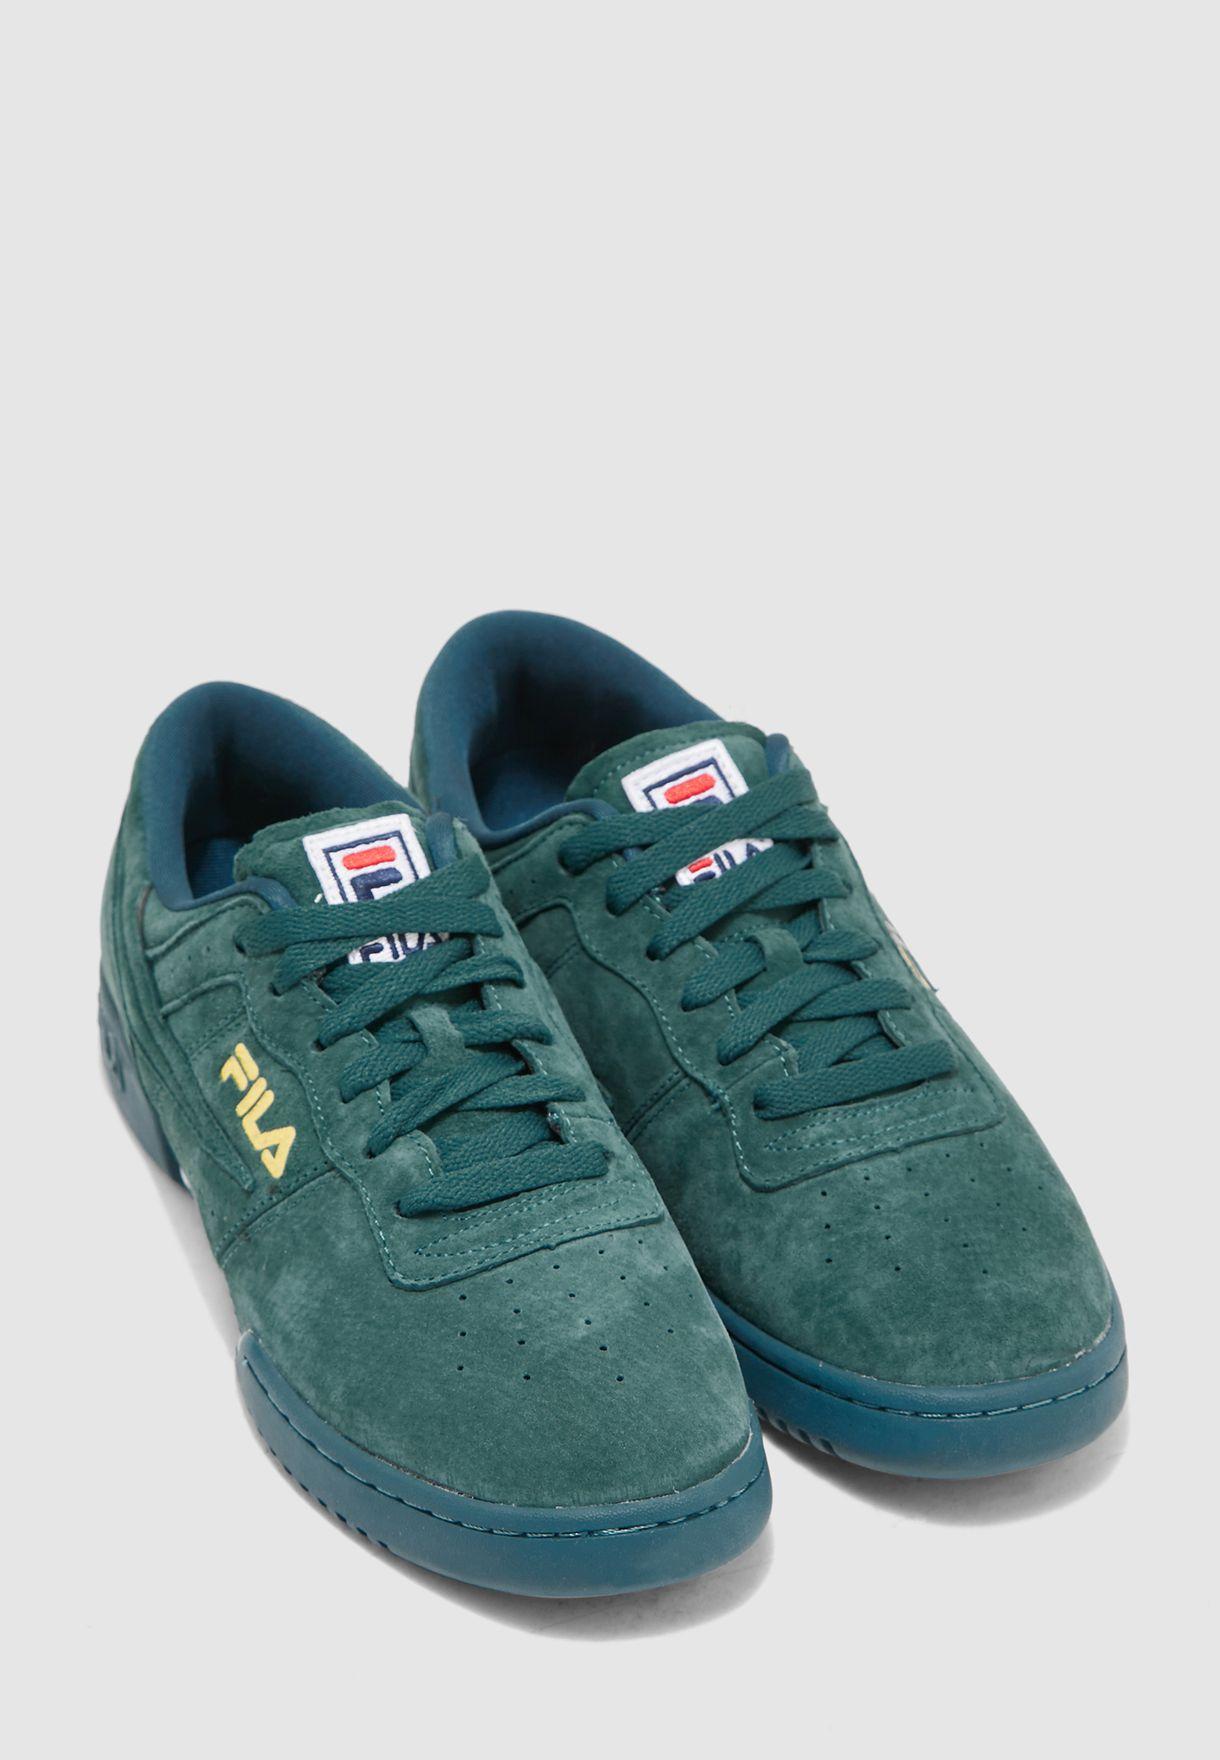 حذاء اوريجينال فيتنس لاينكر